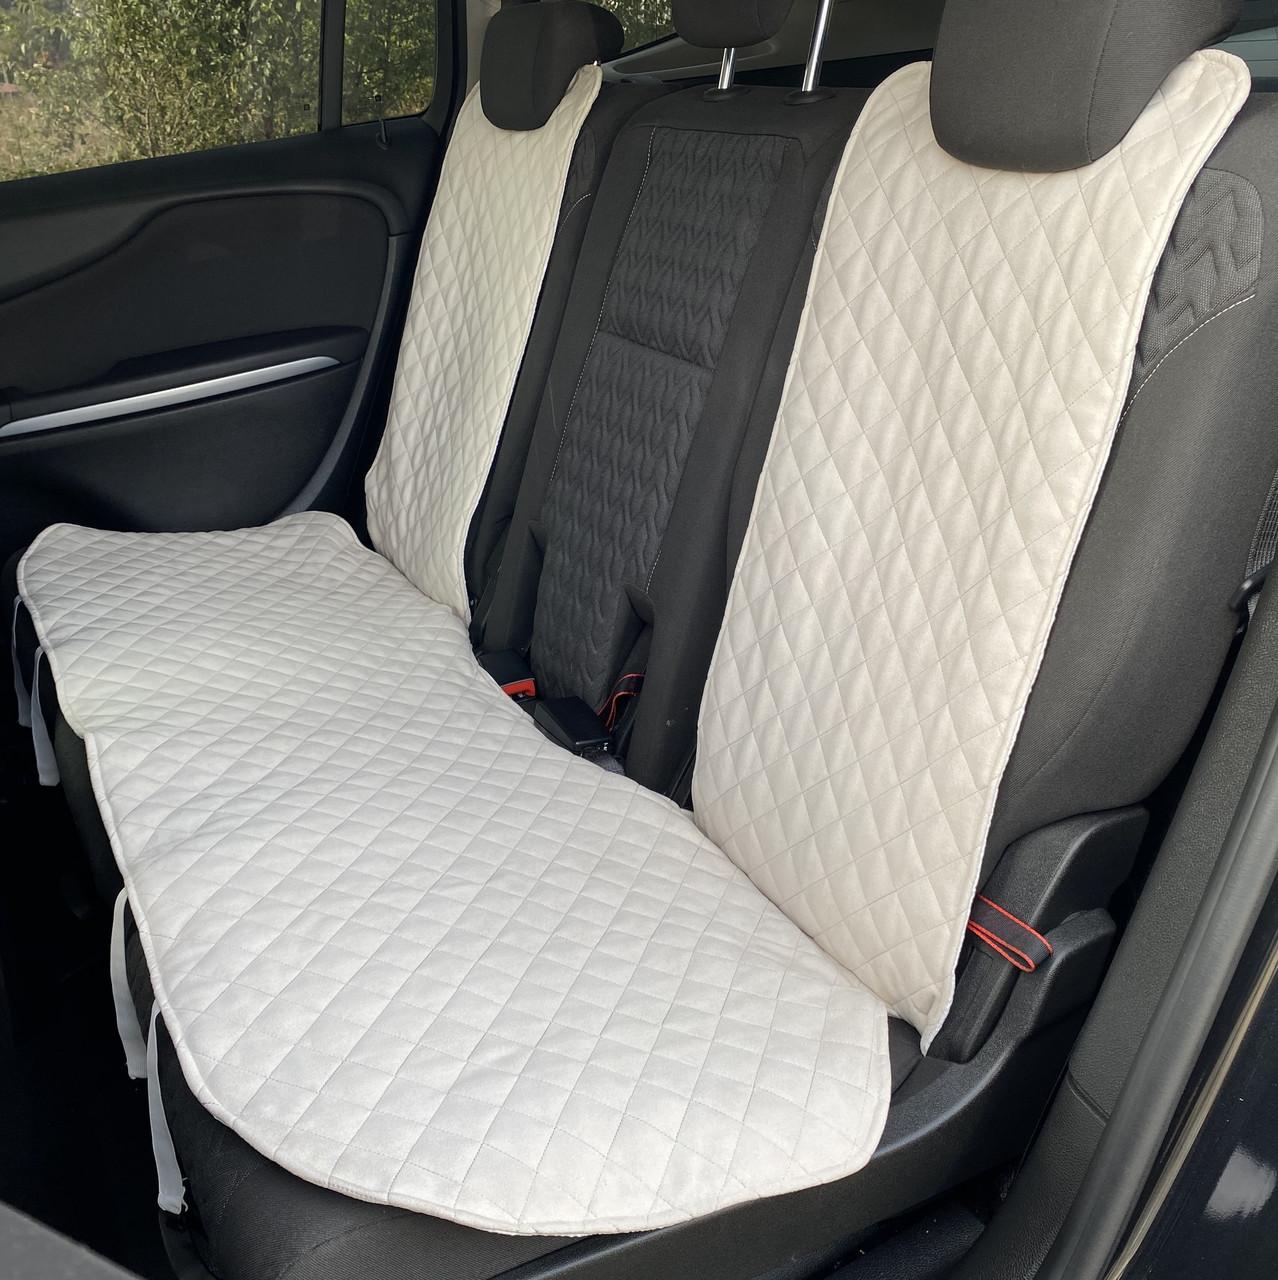 Накидки чехлы на сидения автомобиля из Алькантары Эко-замша задние универсальные защитные авточехлы Айвори